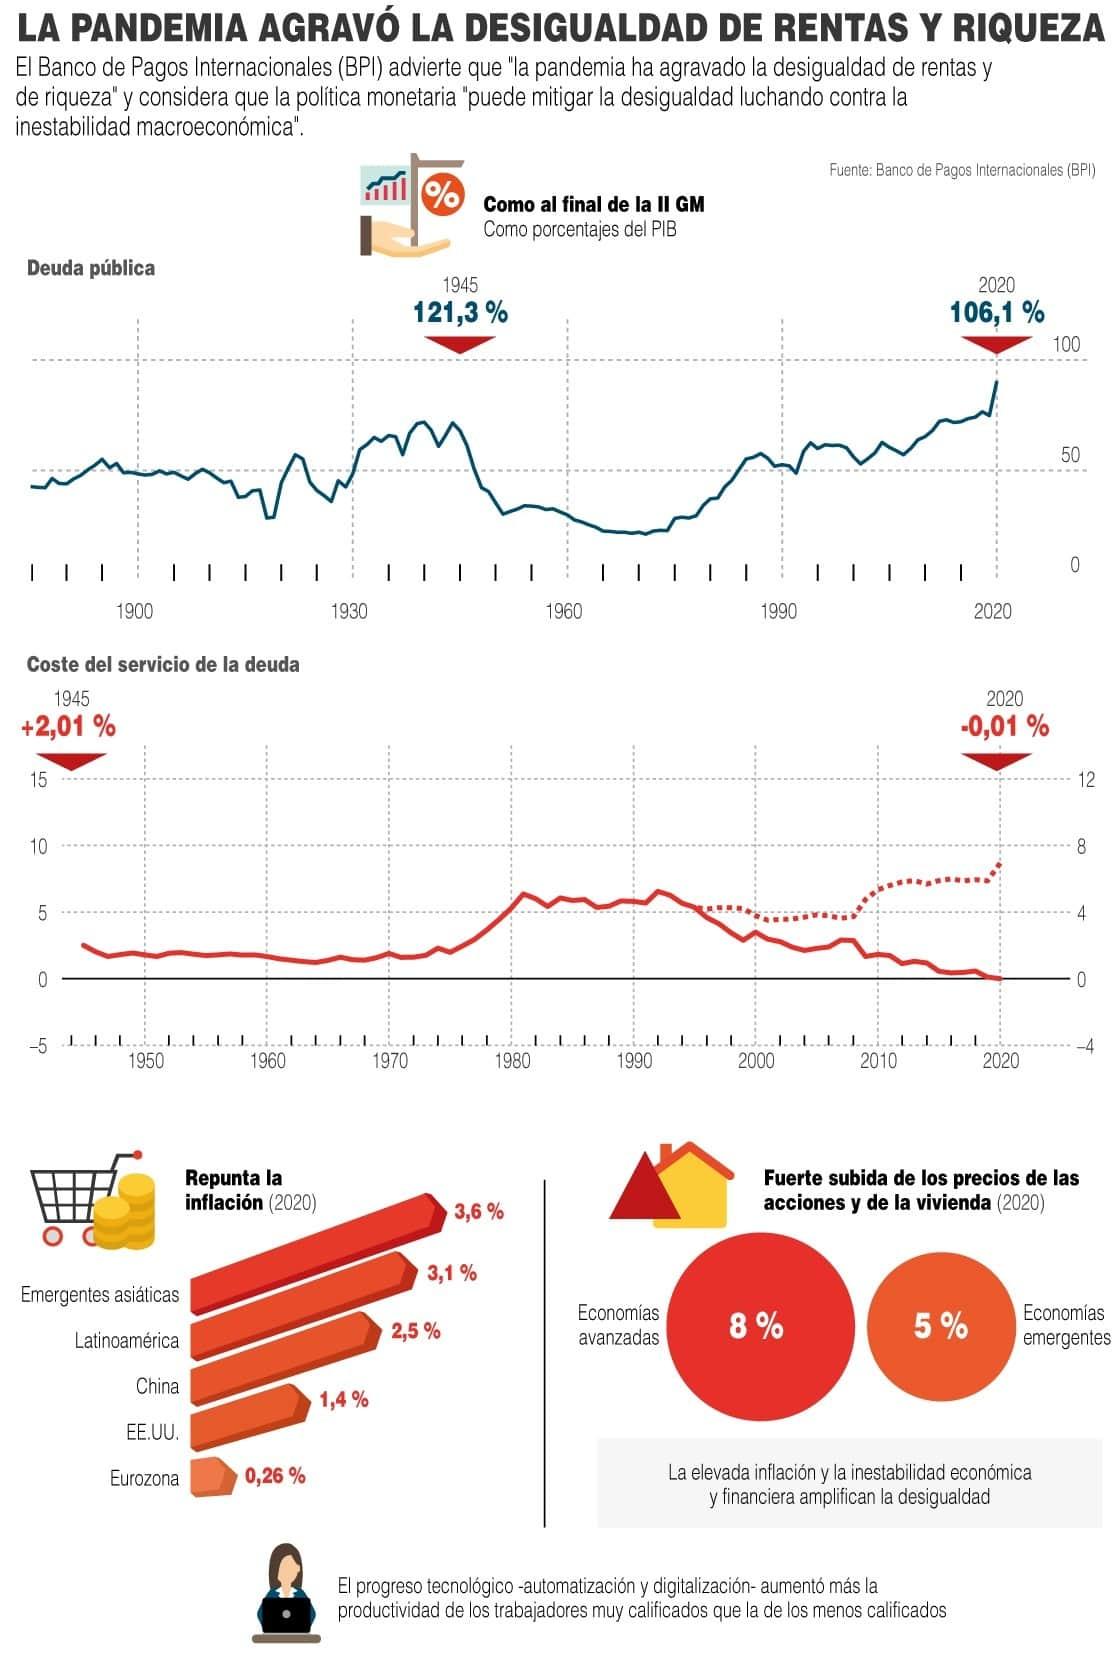 [Infografía] El BPI observa que la pandemia ha agravado la desigualdad de rentas y riqueza 1